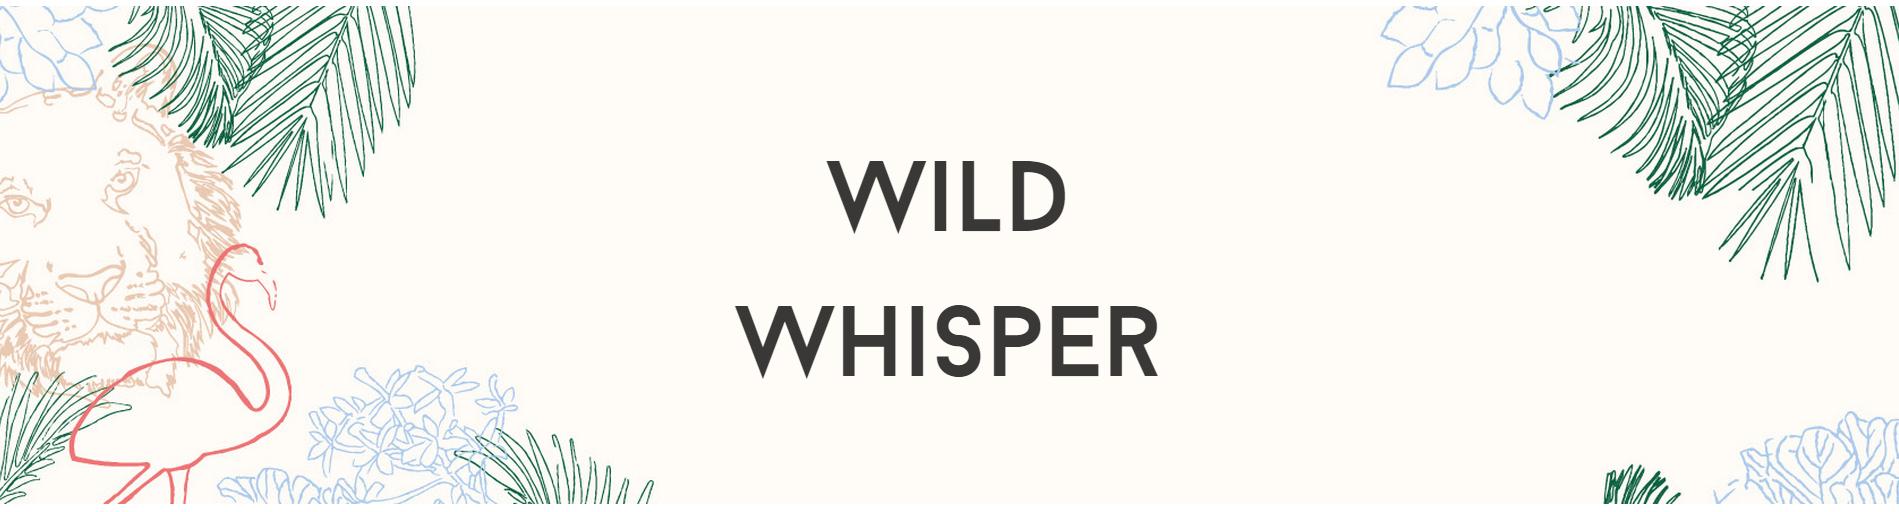 wildshisper